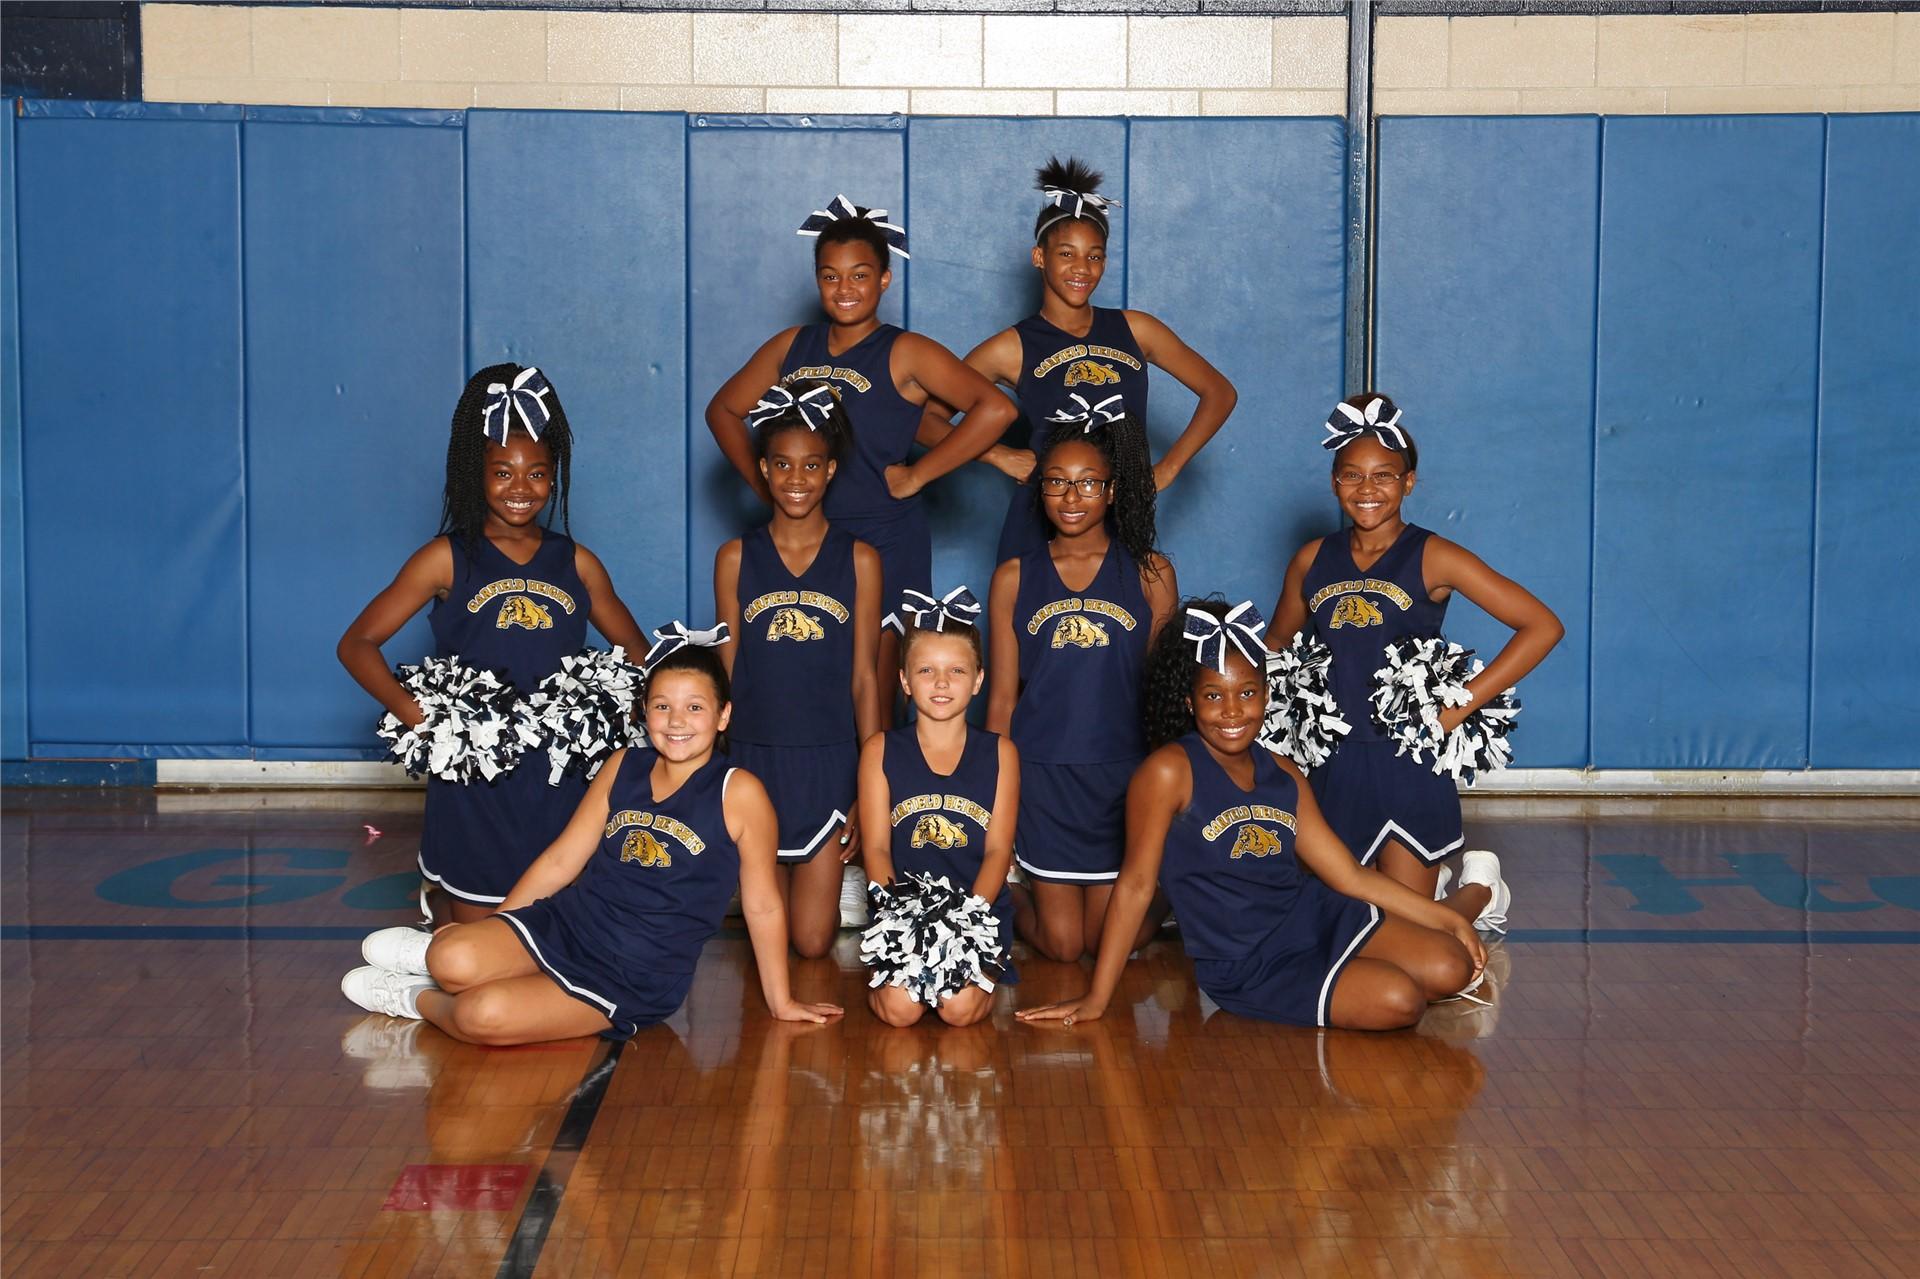 Fall Cheerleaders